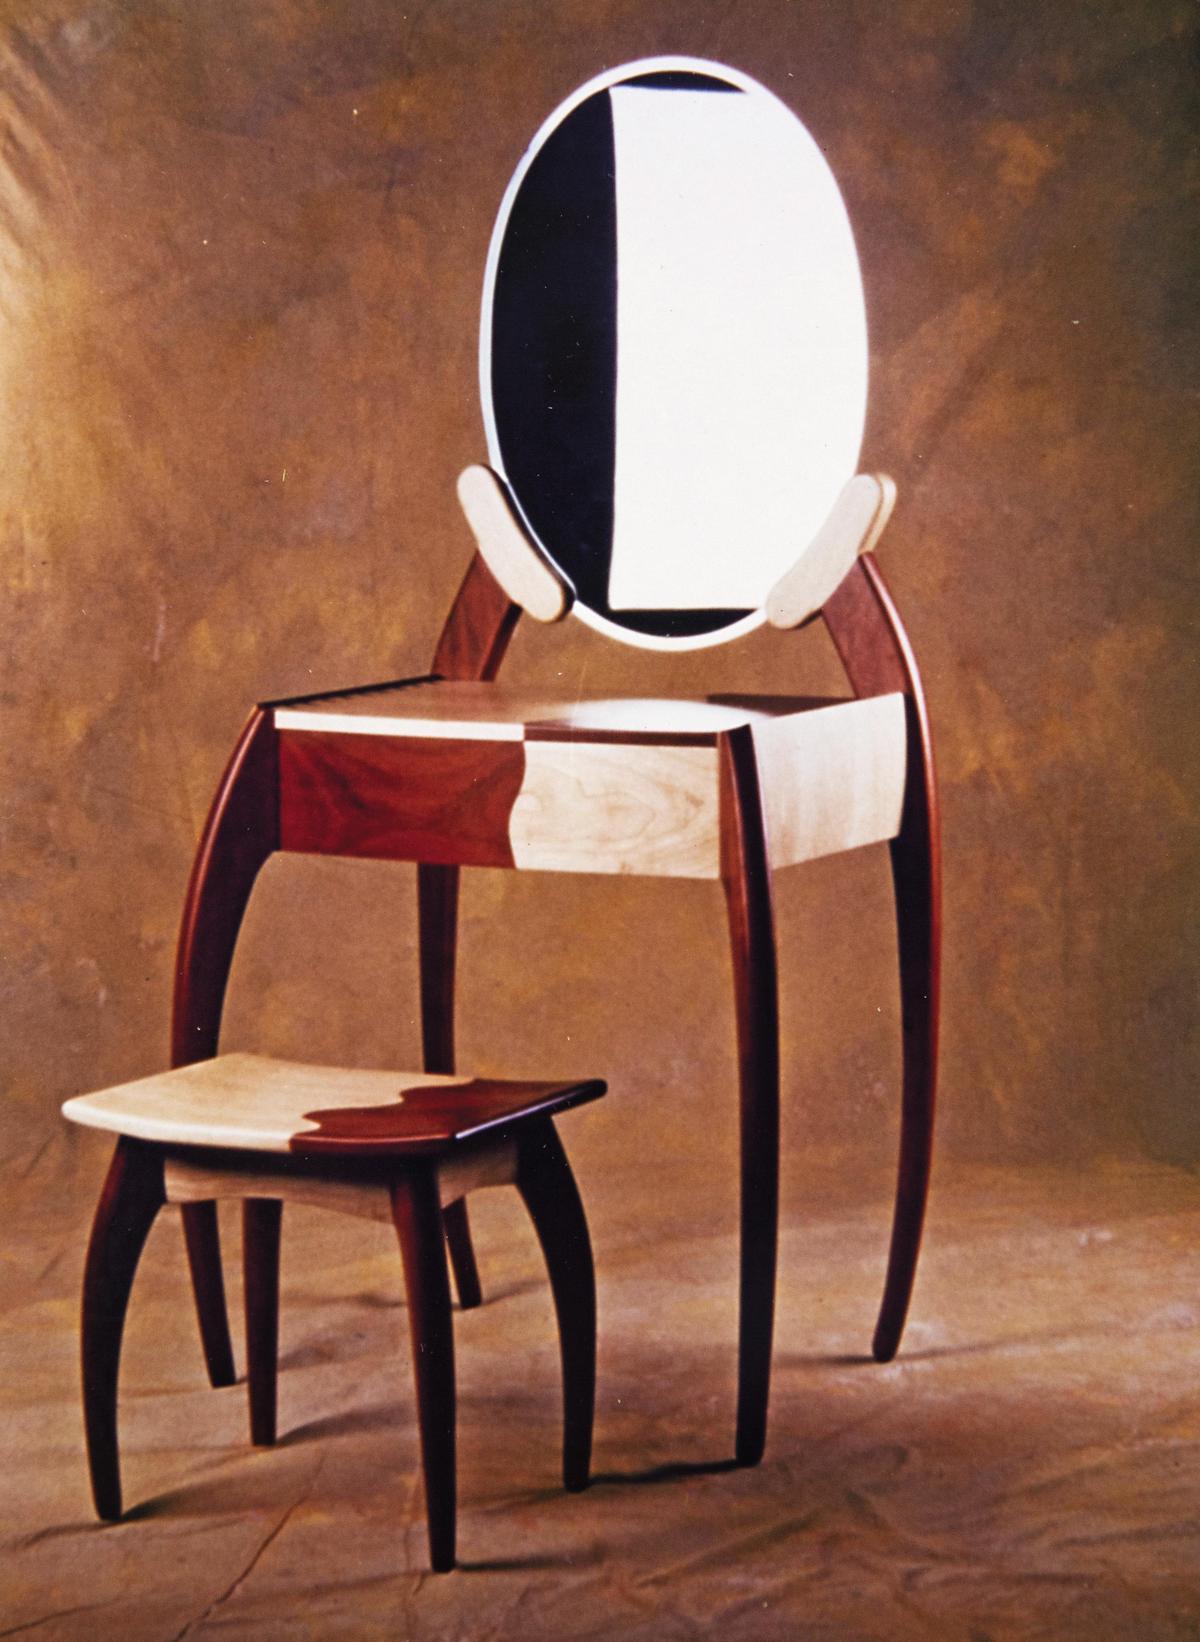 這組梳妝台是王嘉納大二的作品,他說,作品以女性為發想,利用楓木和花梨木組合,作品名不能說,因是以當時女友命名。(王嘉納提供)